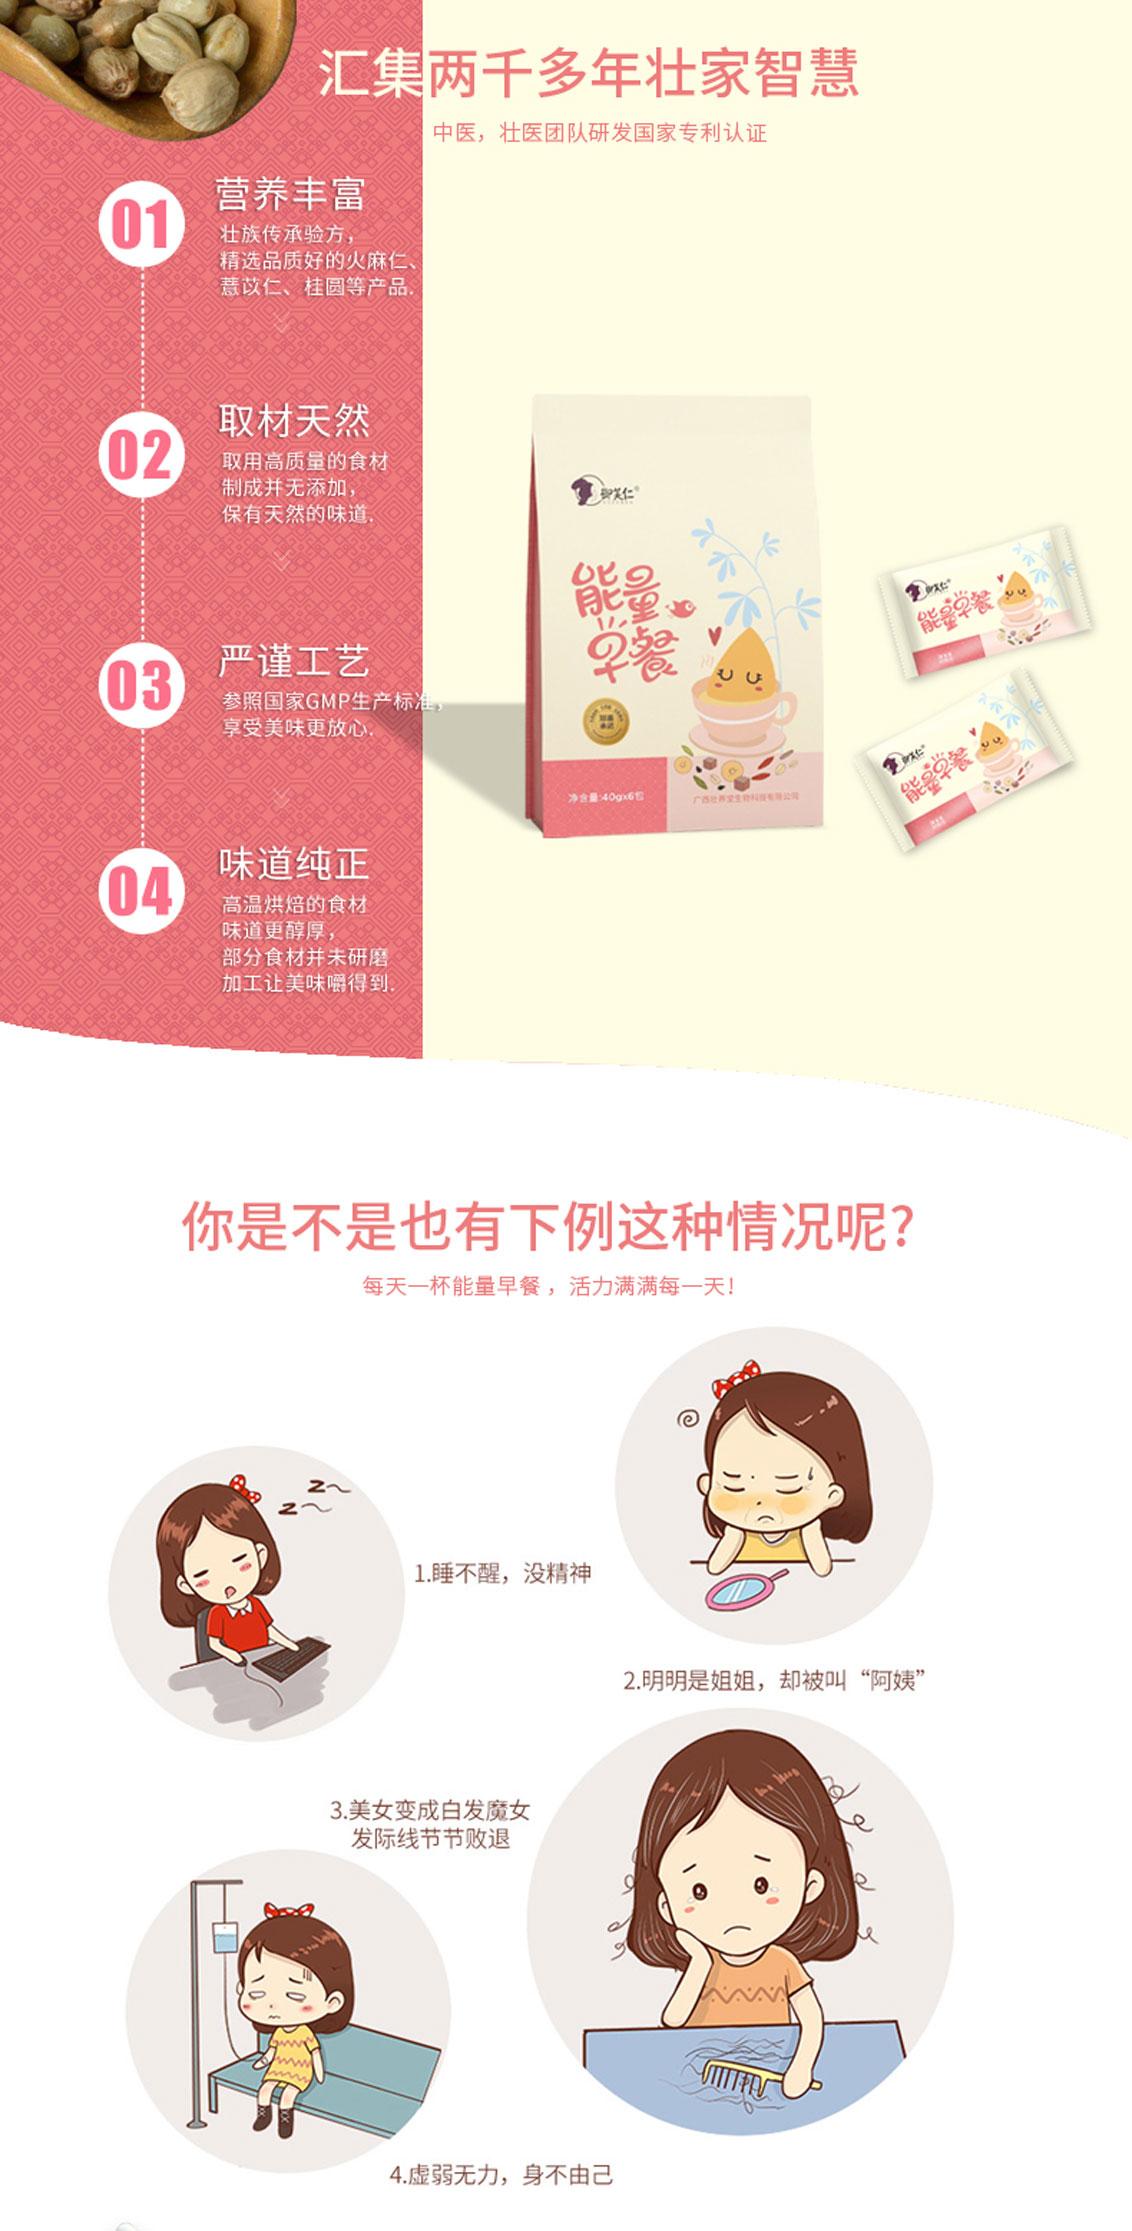 能量早餐简装版-粉色-详情页-P_03